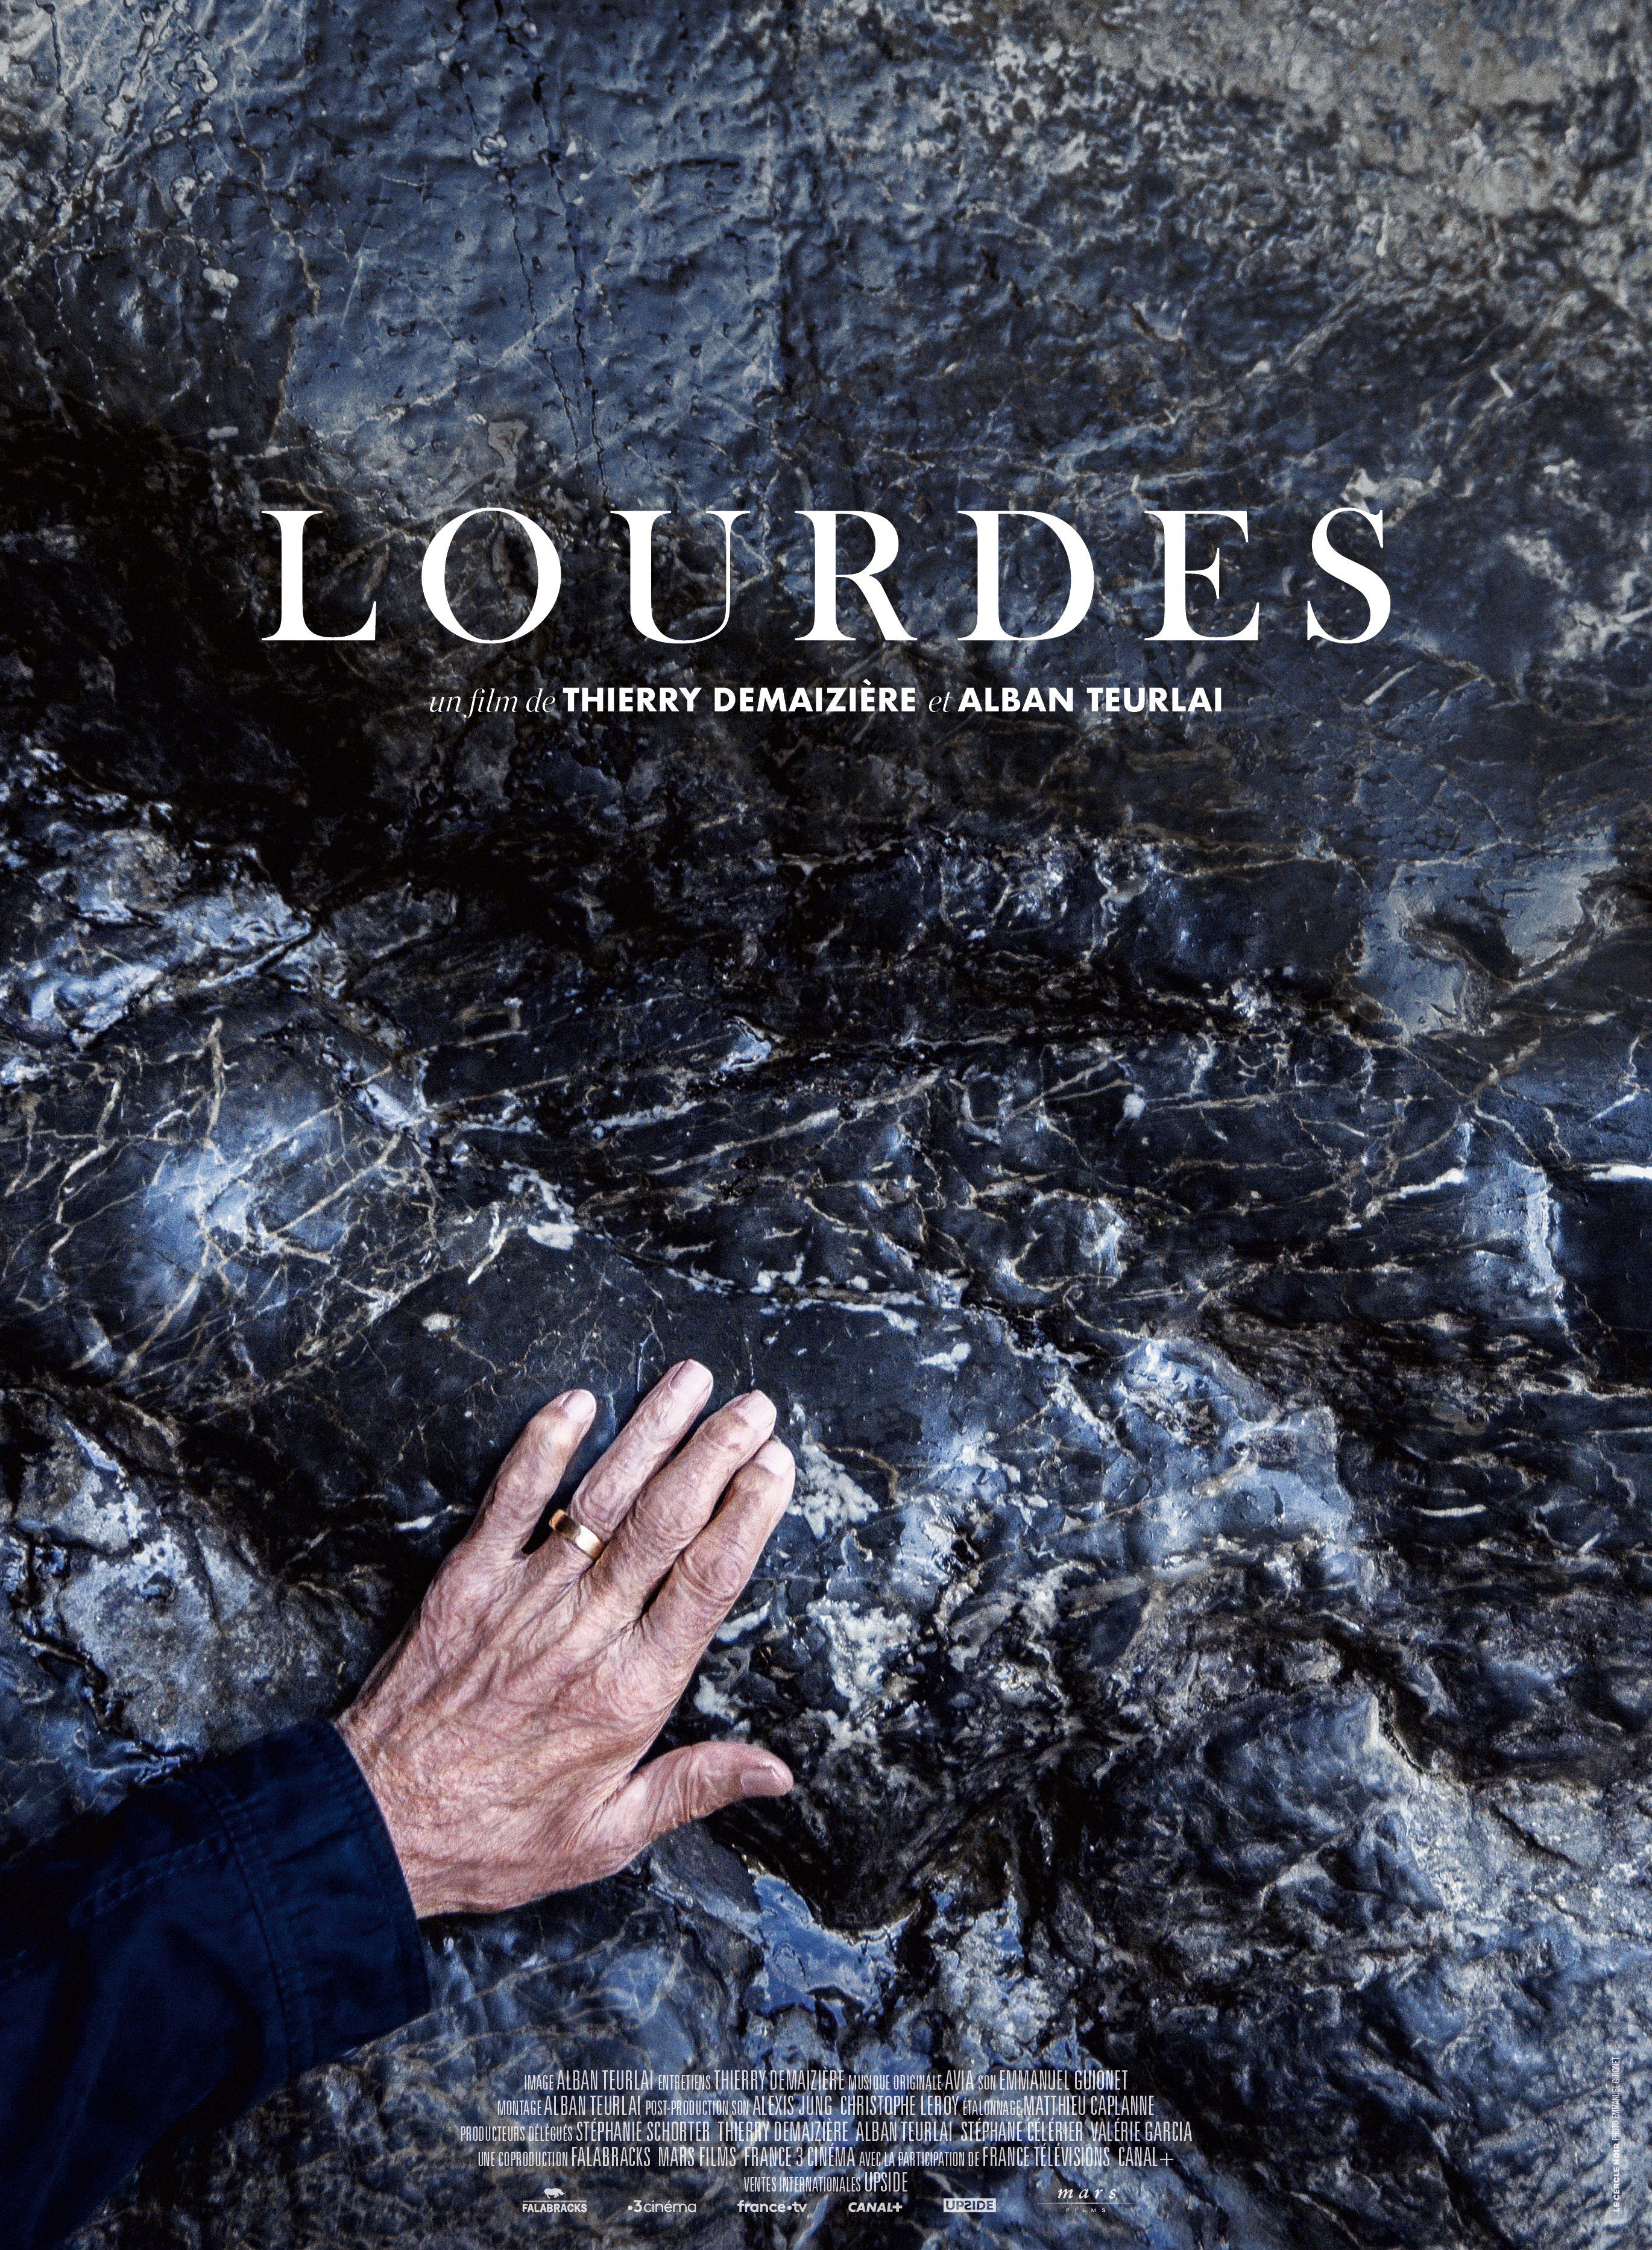 Film documentaire Lourdes, 2019